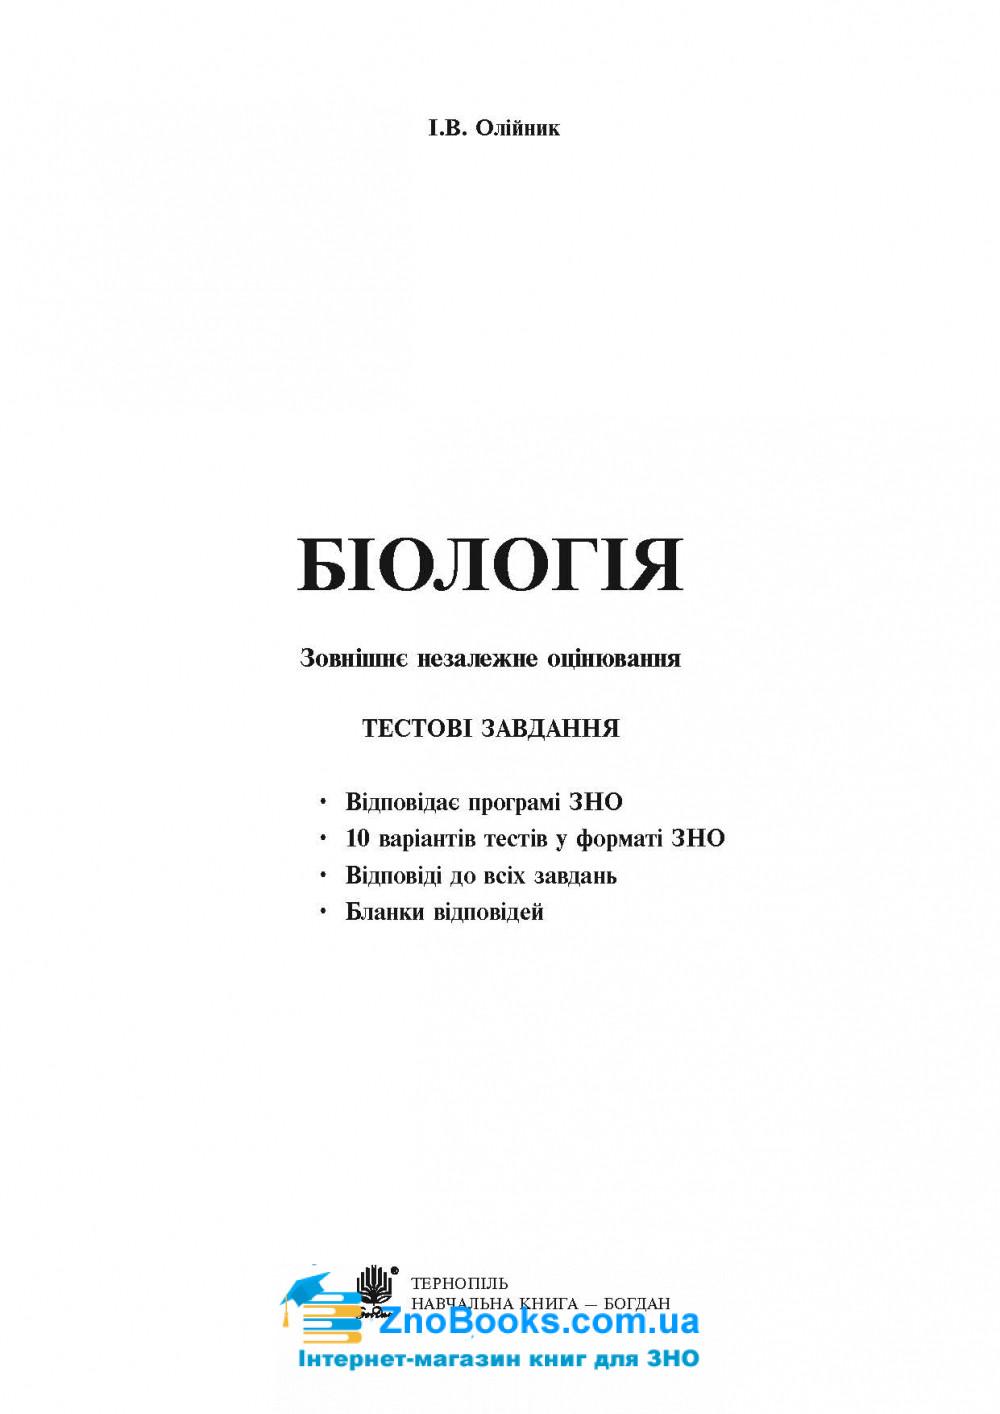 ЗНО 2021 Біологія. Тестові завдання. Олійник І. Навчальна книга - Богдан. купити 1